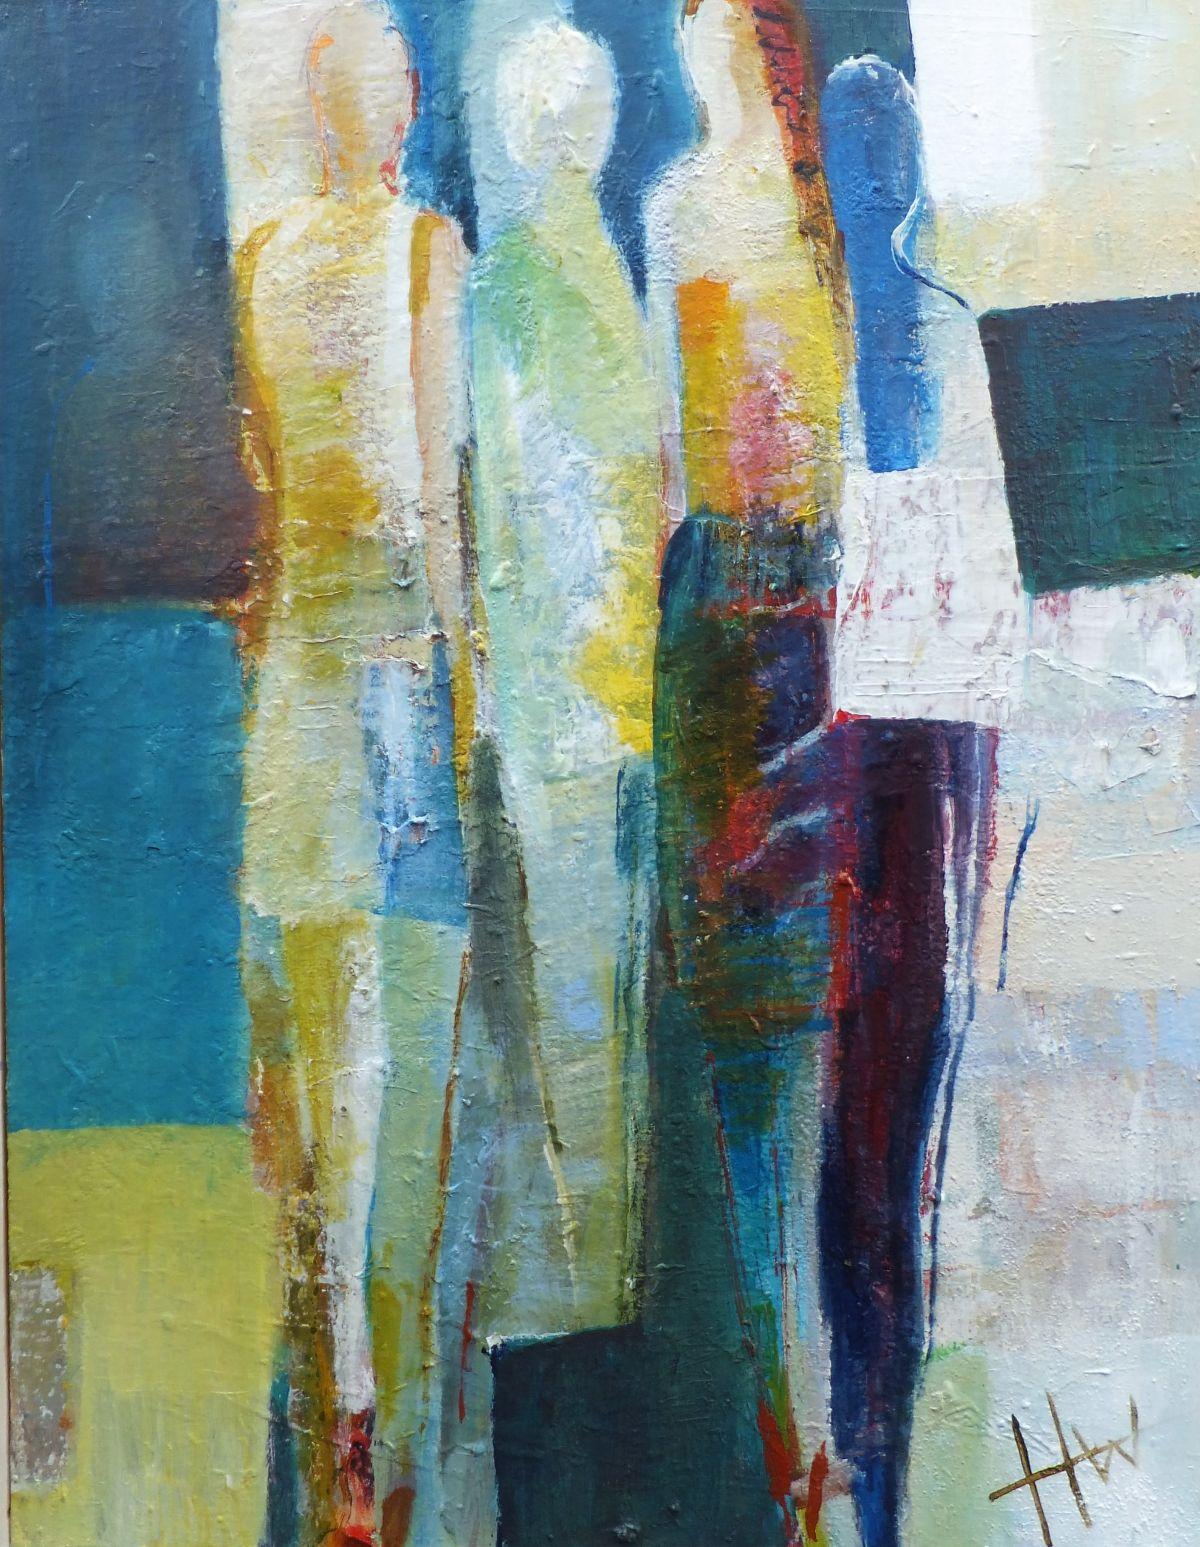 Kunst: vrienden van kunstenaar Heleen Wilke